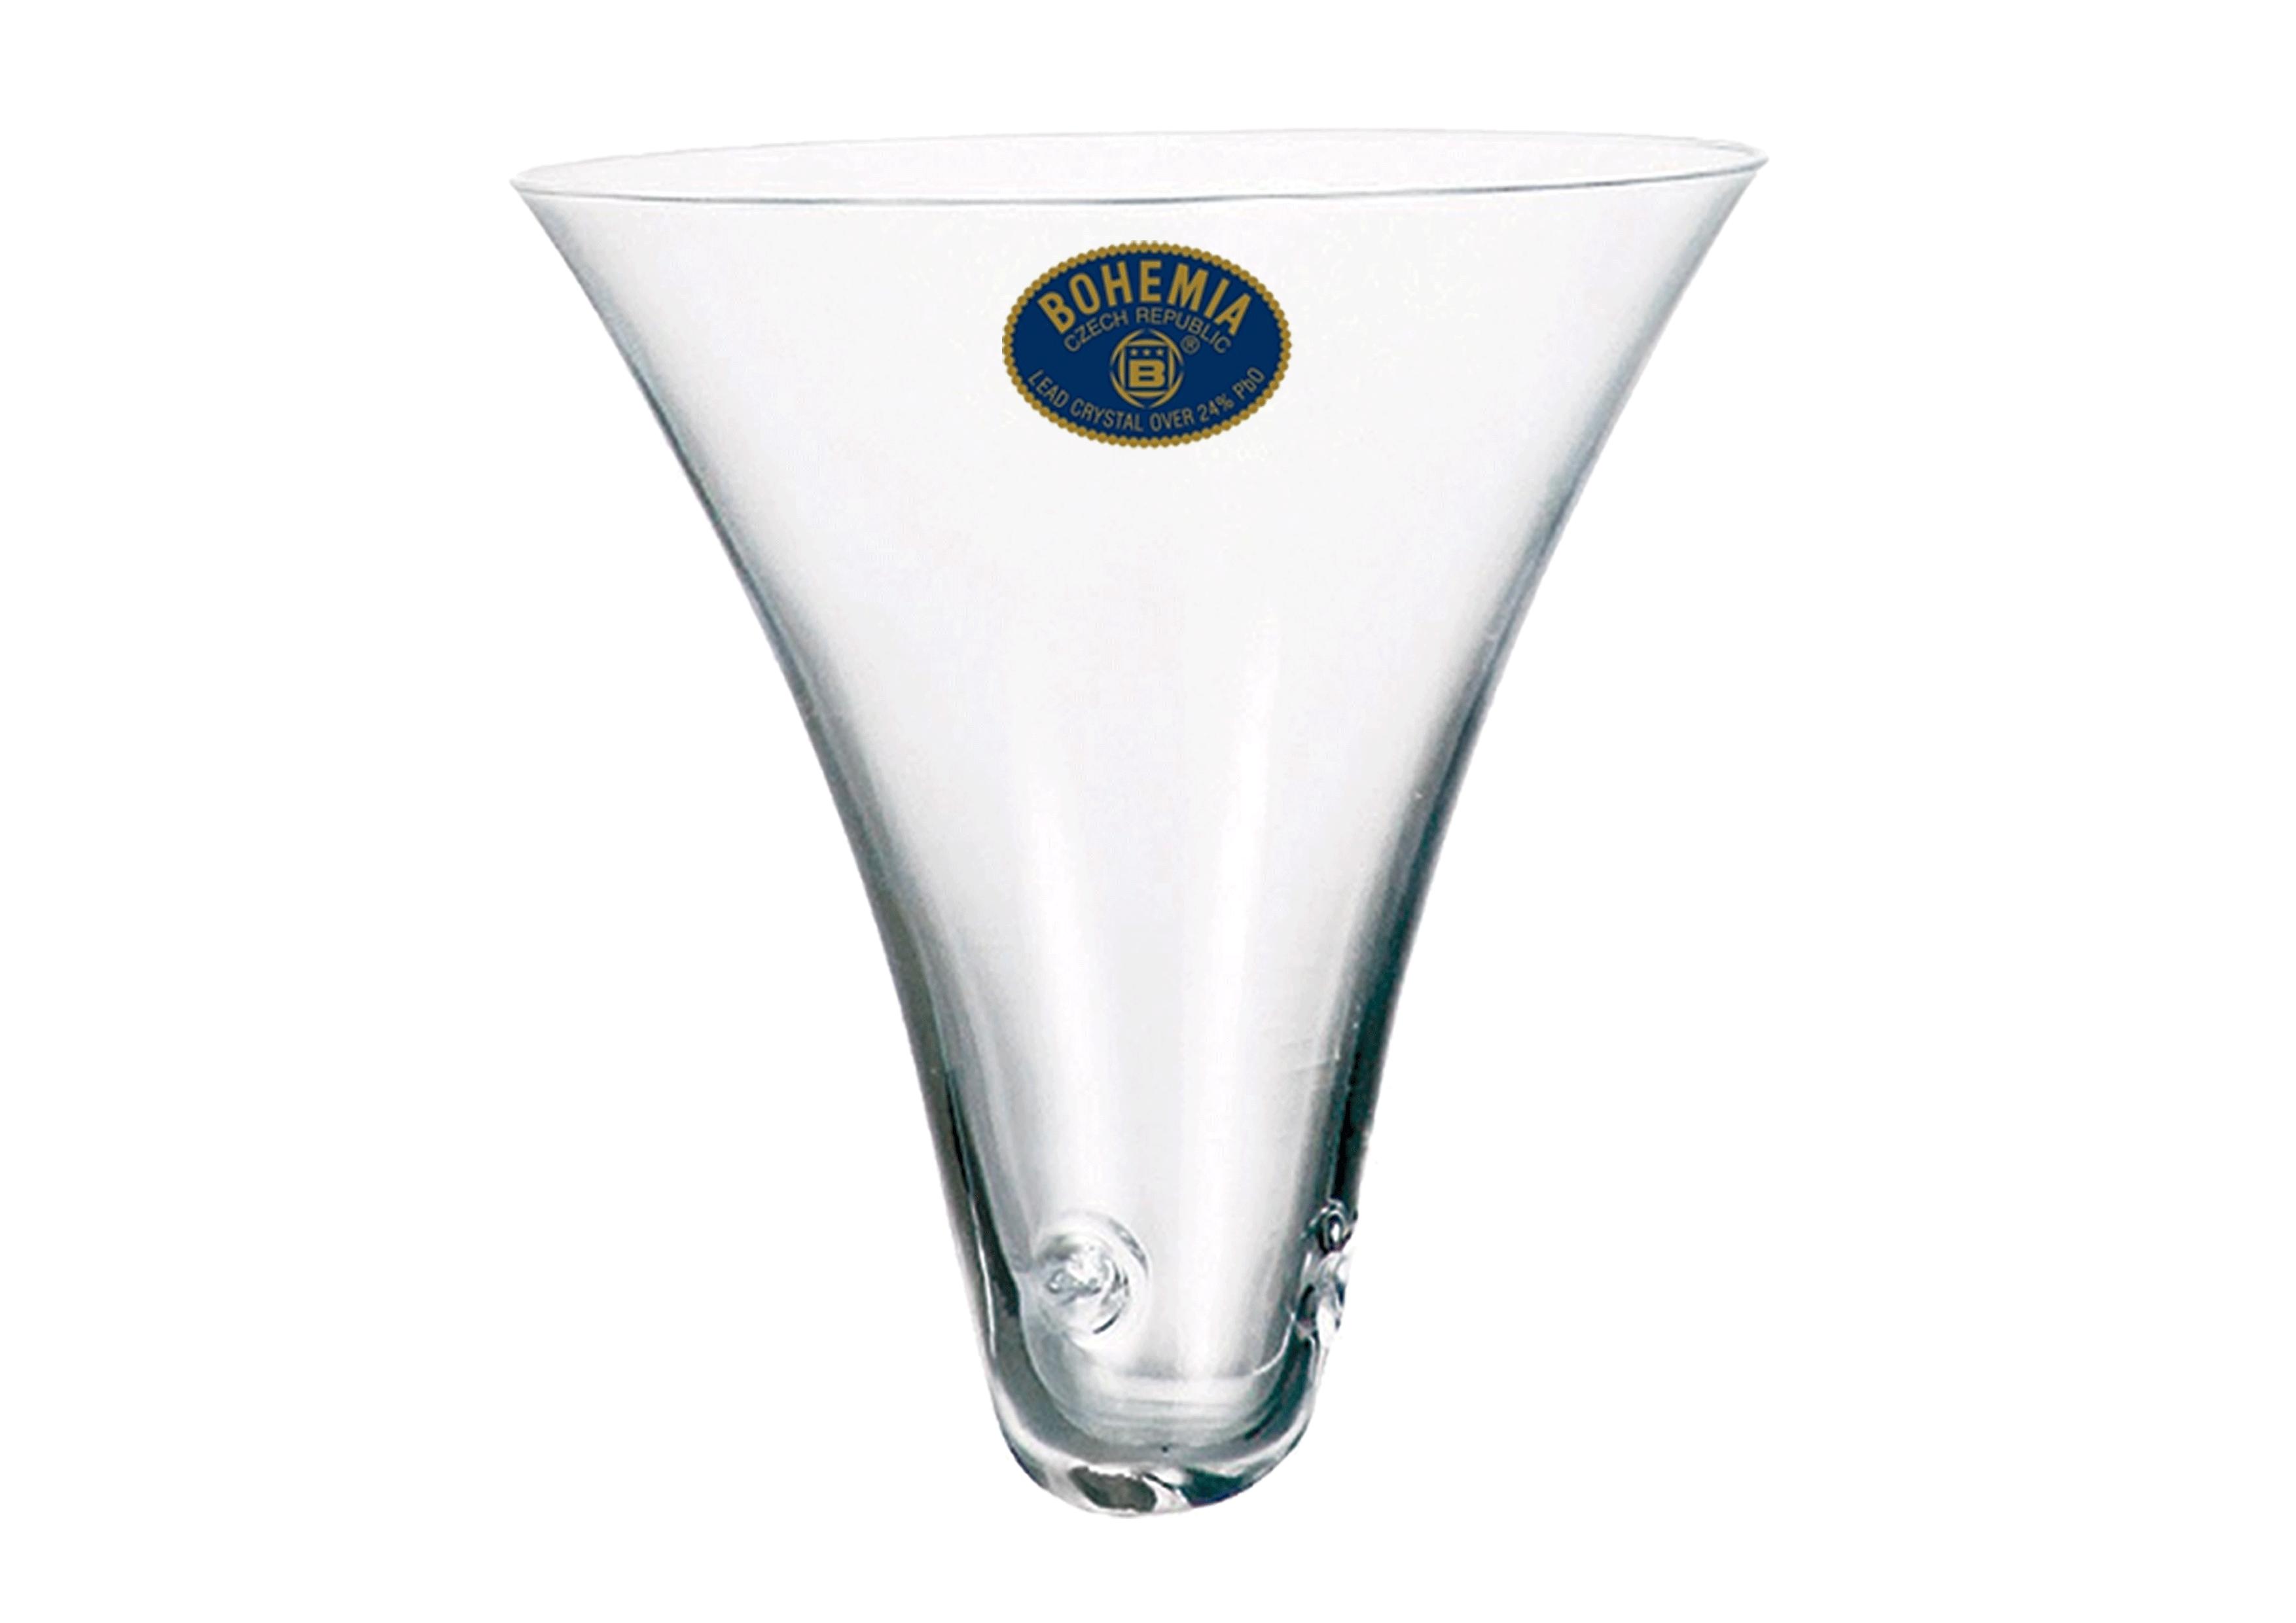 Embudo Cristal de Bohemia Grabados Cristafiel Embudo de Cristal Copas Baratas